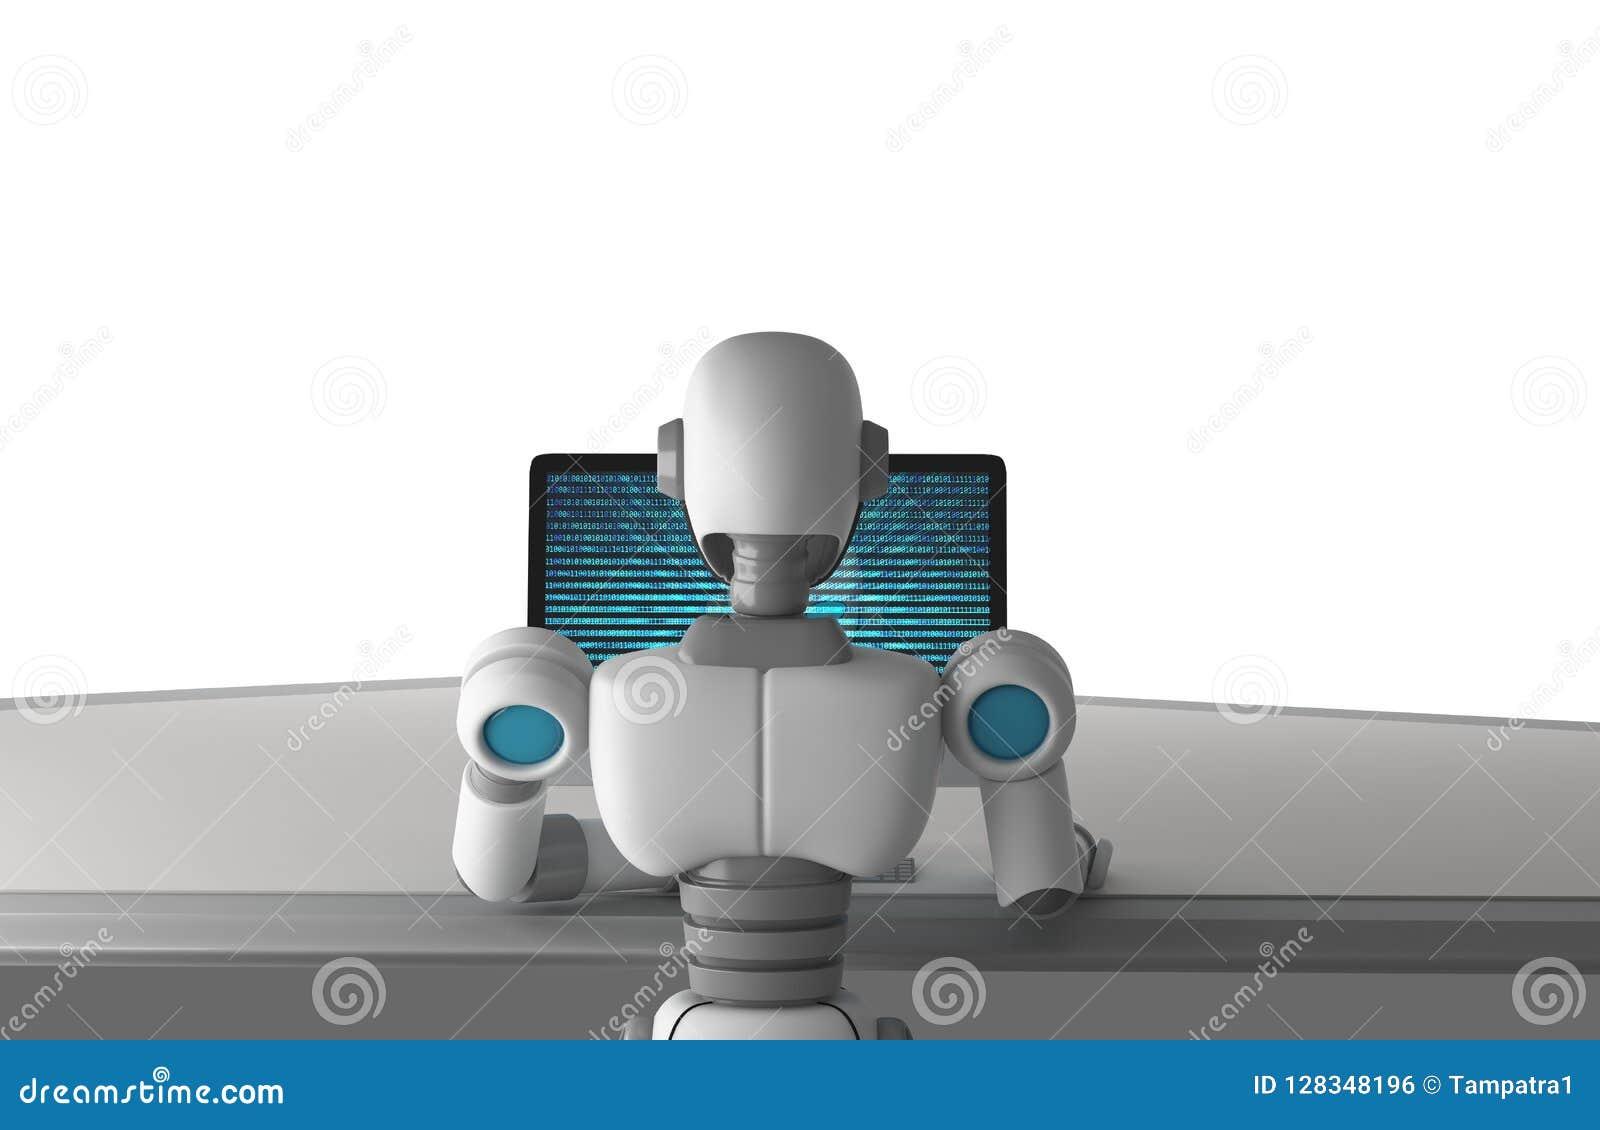 Tillbaka sikt av roboten genom att använda en dator med nummerkod för binära data